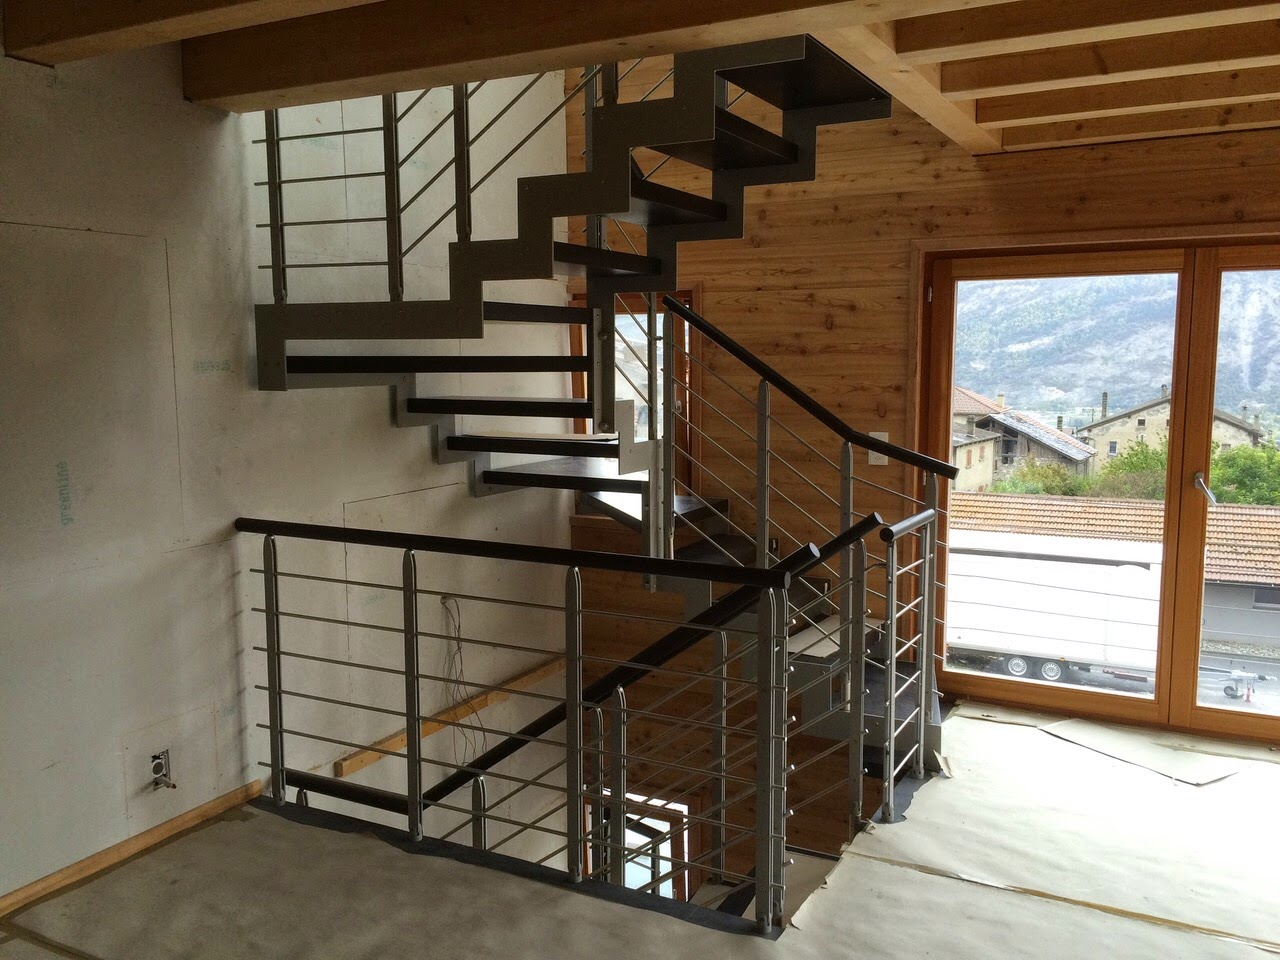 Image gallery escalier suisse - Escalier colimacon prefabrique ...